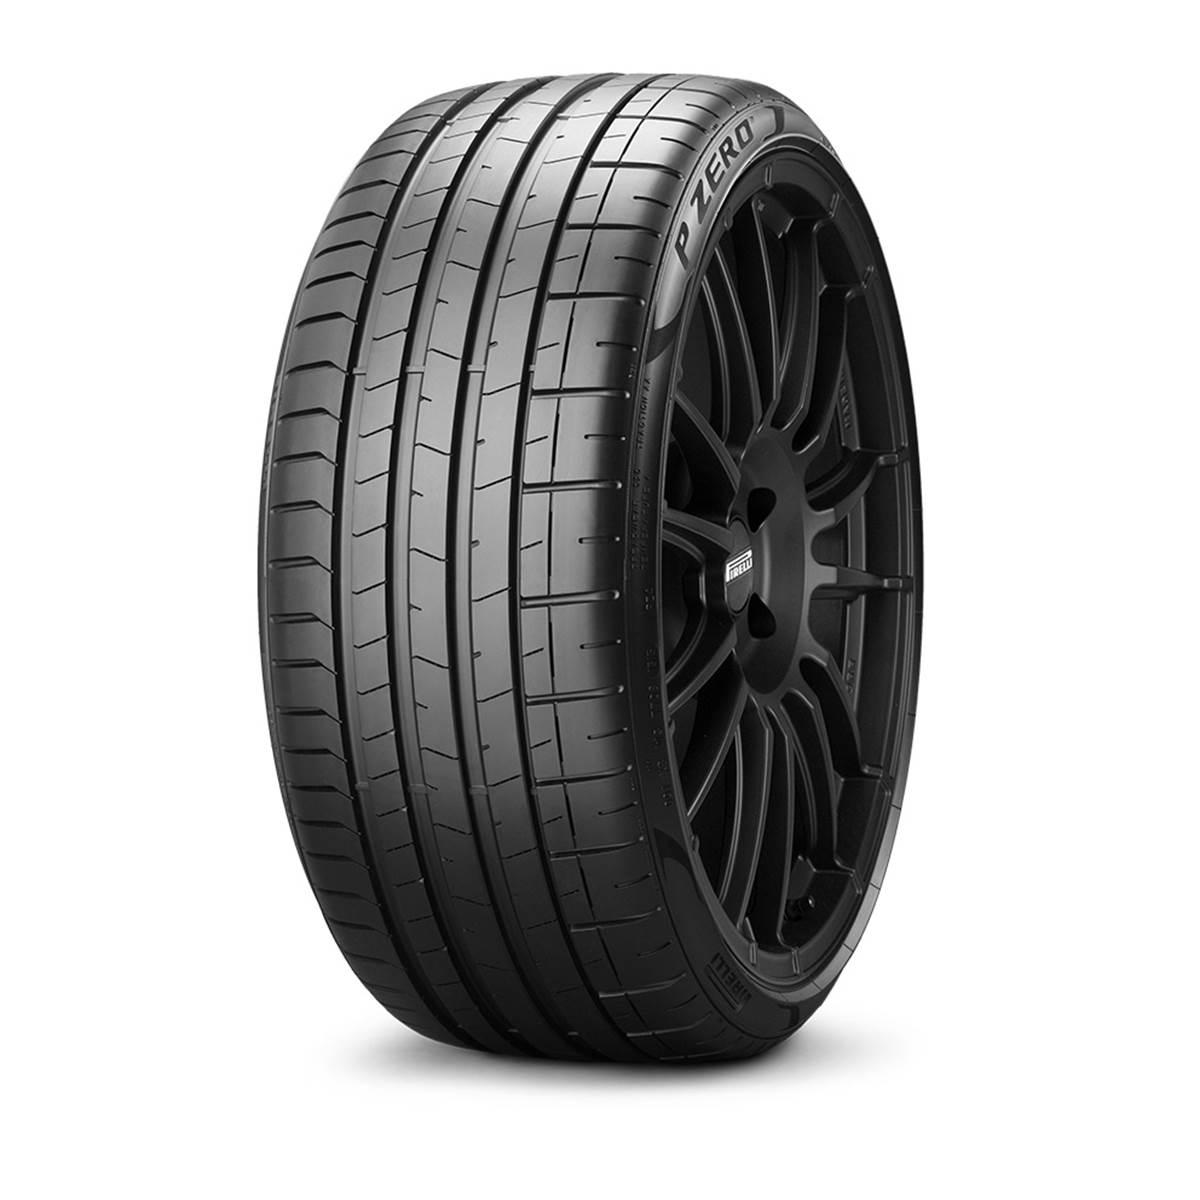 Pneu Pirelli 255/35R20 97Y Pzero XL